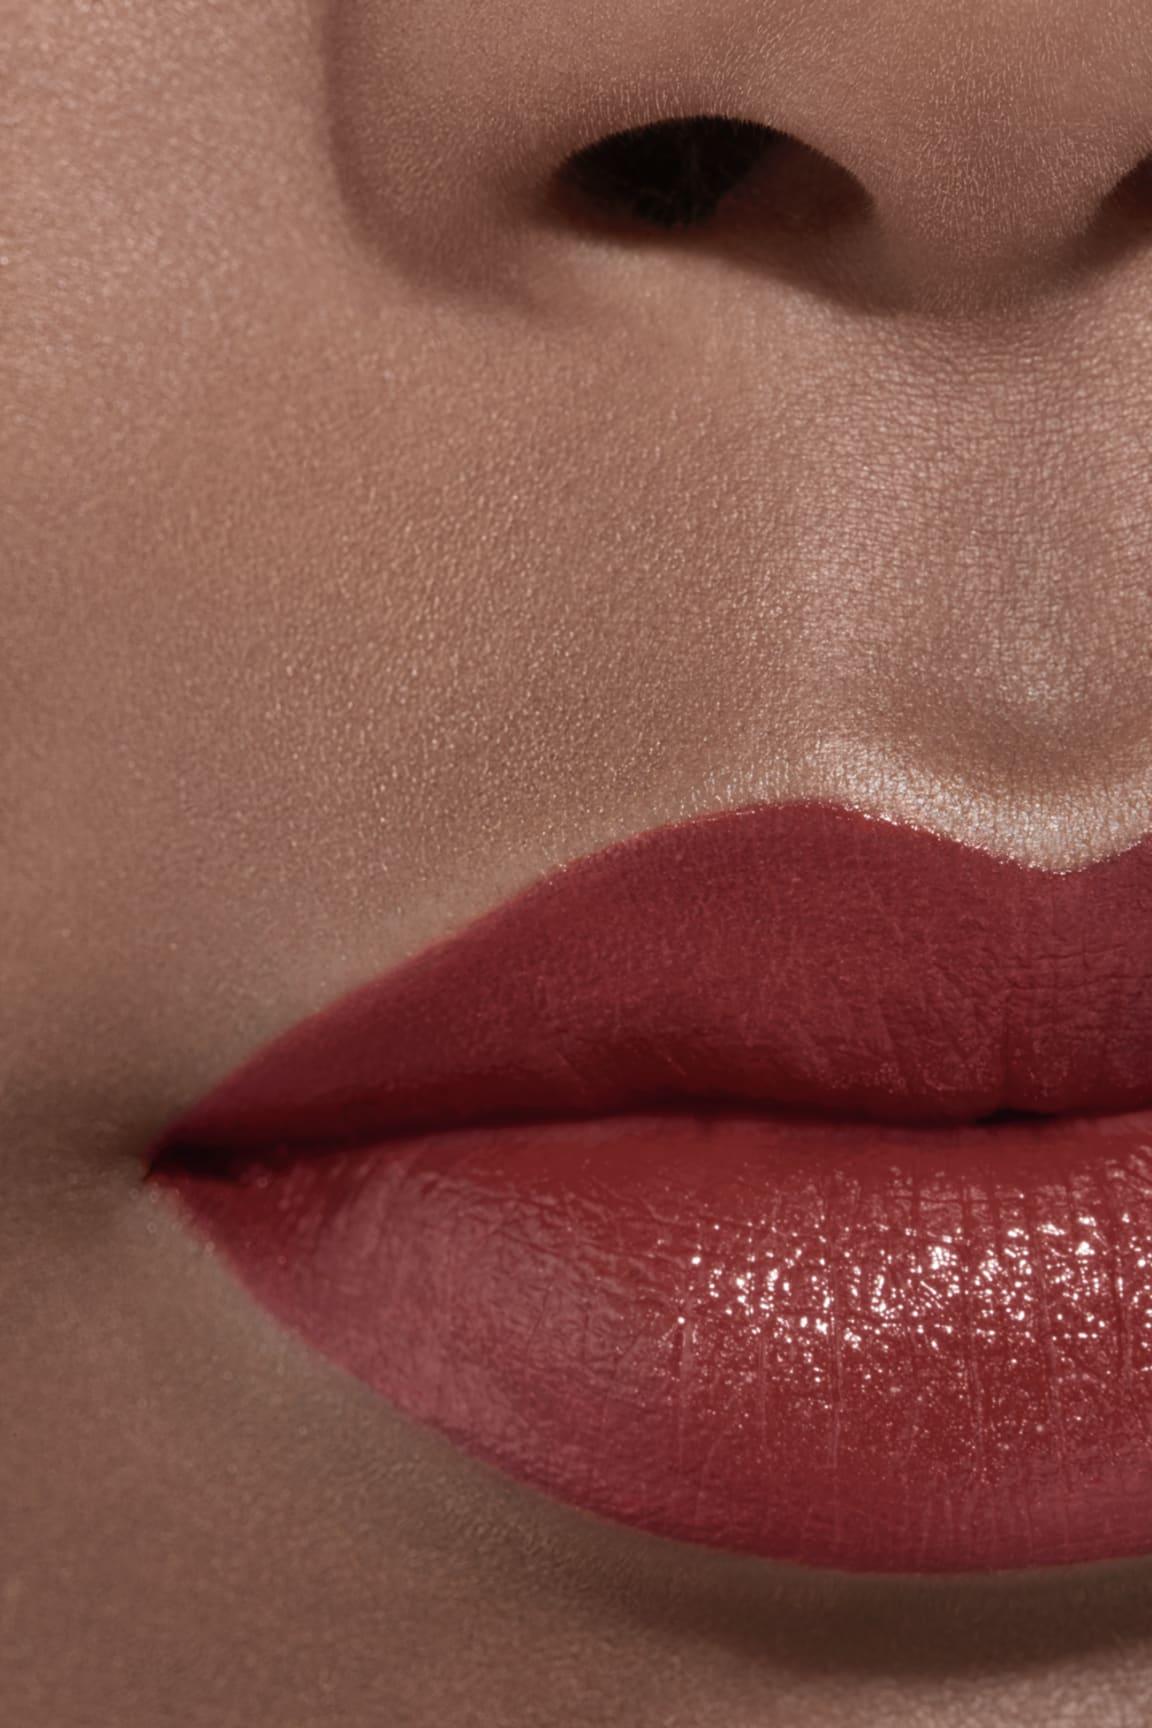 Visuel d'application maquillage 2 - ROUGE ALLURE 192 - PROFONDEUR